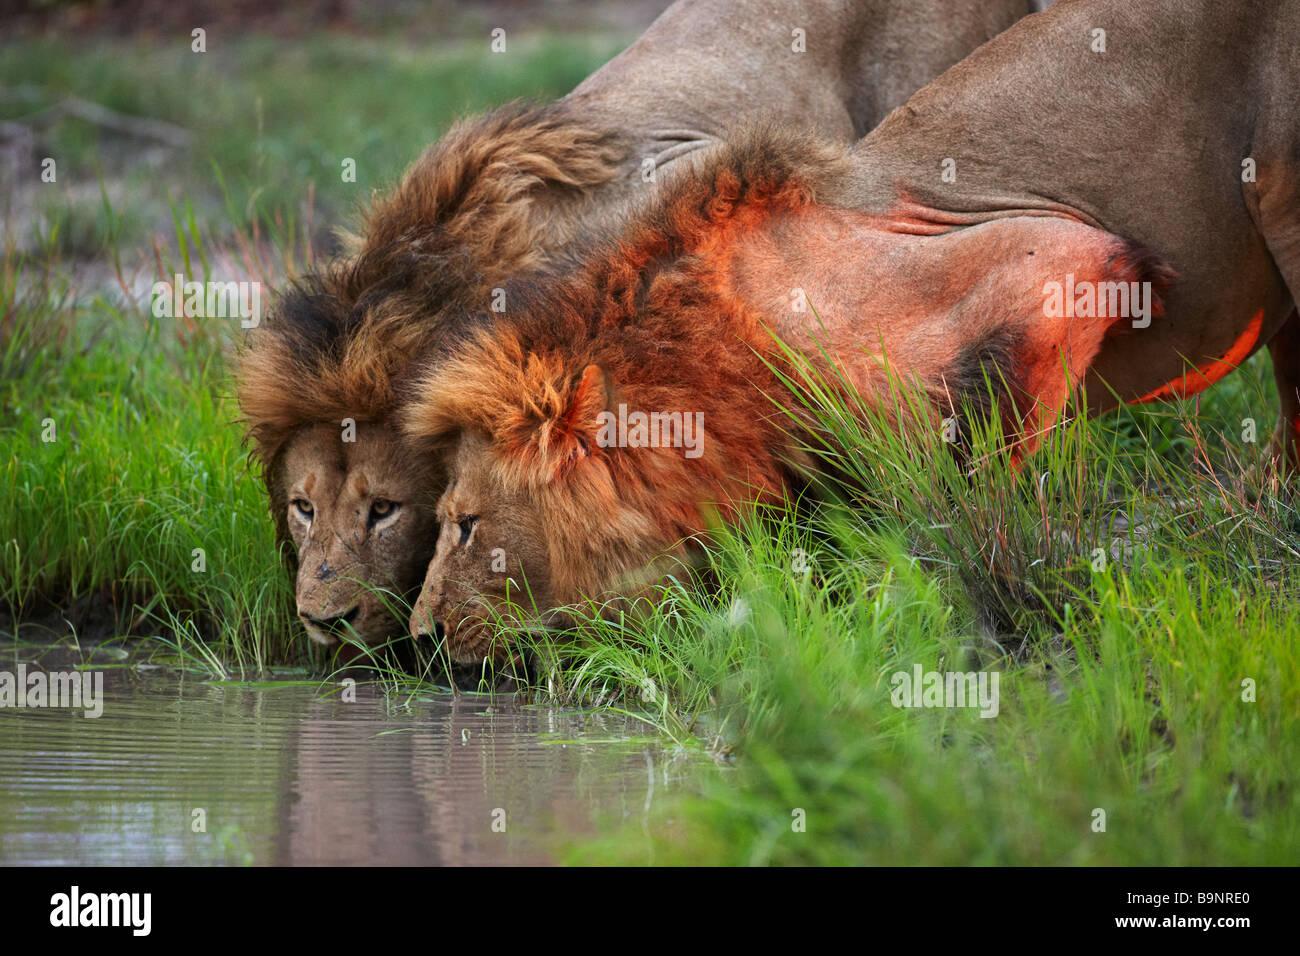 Deux lions boire d'une eau au crépuscule dans la brousse, Kruger National Park, Afrique du Sud Photo Stock